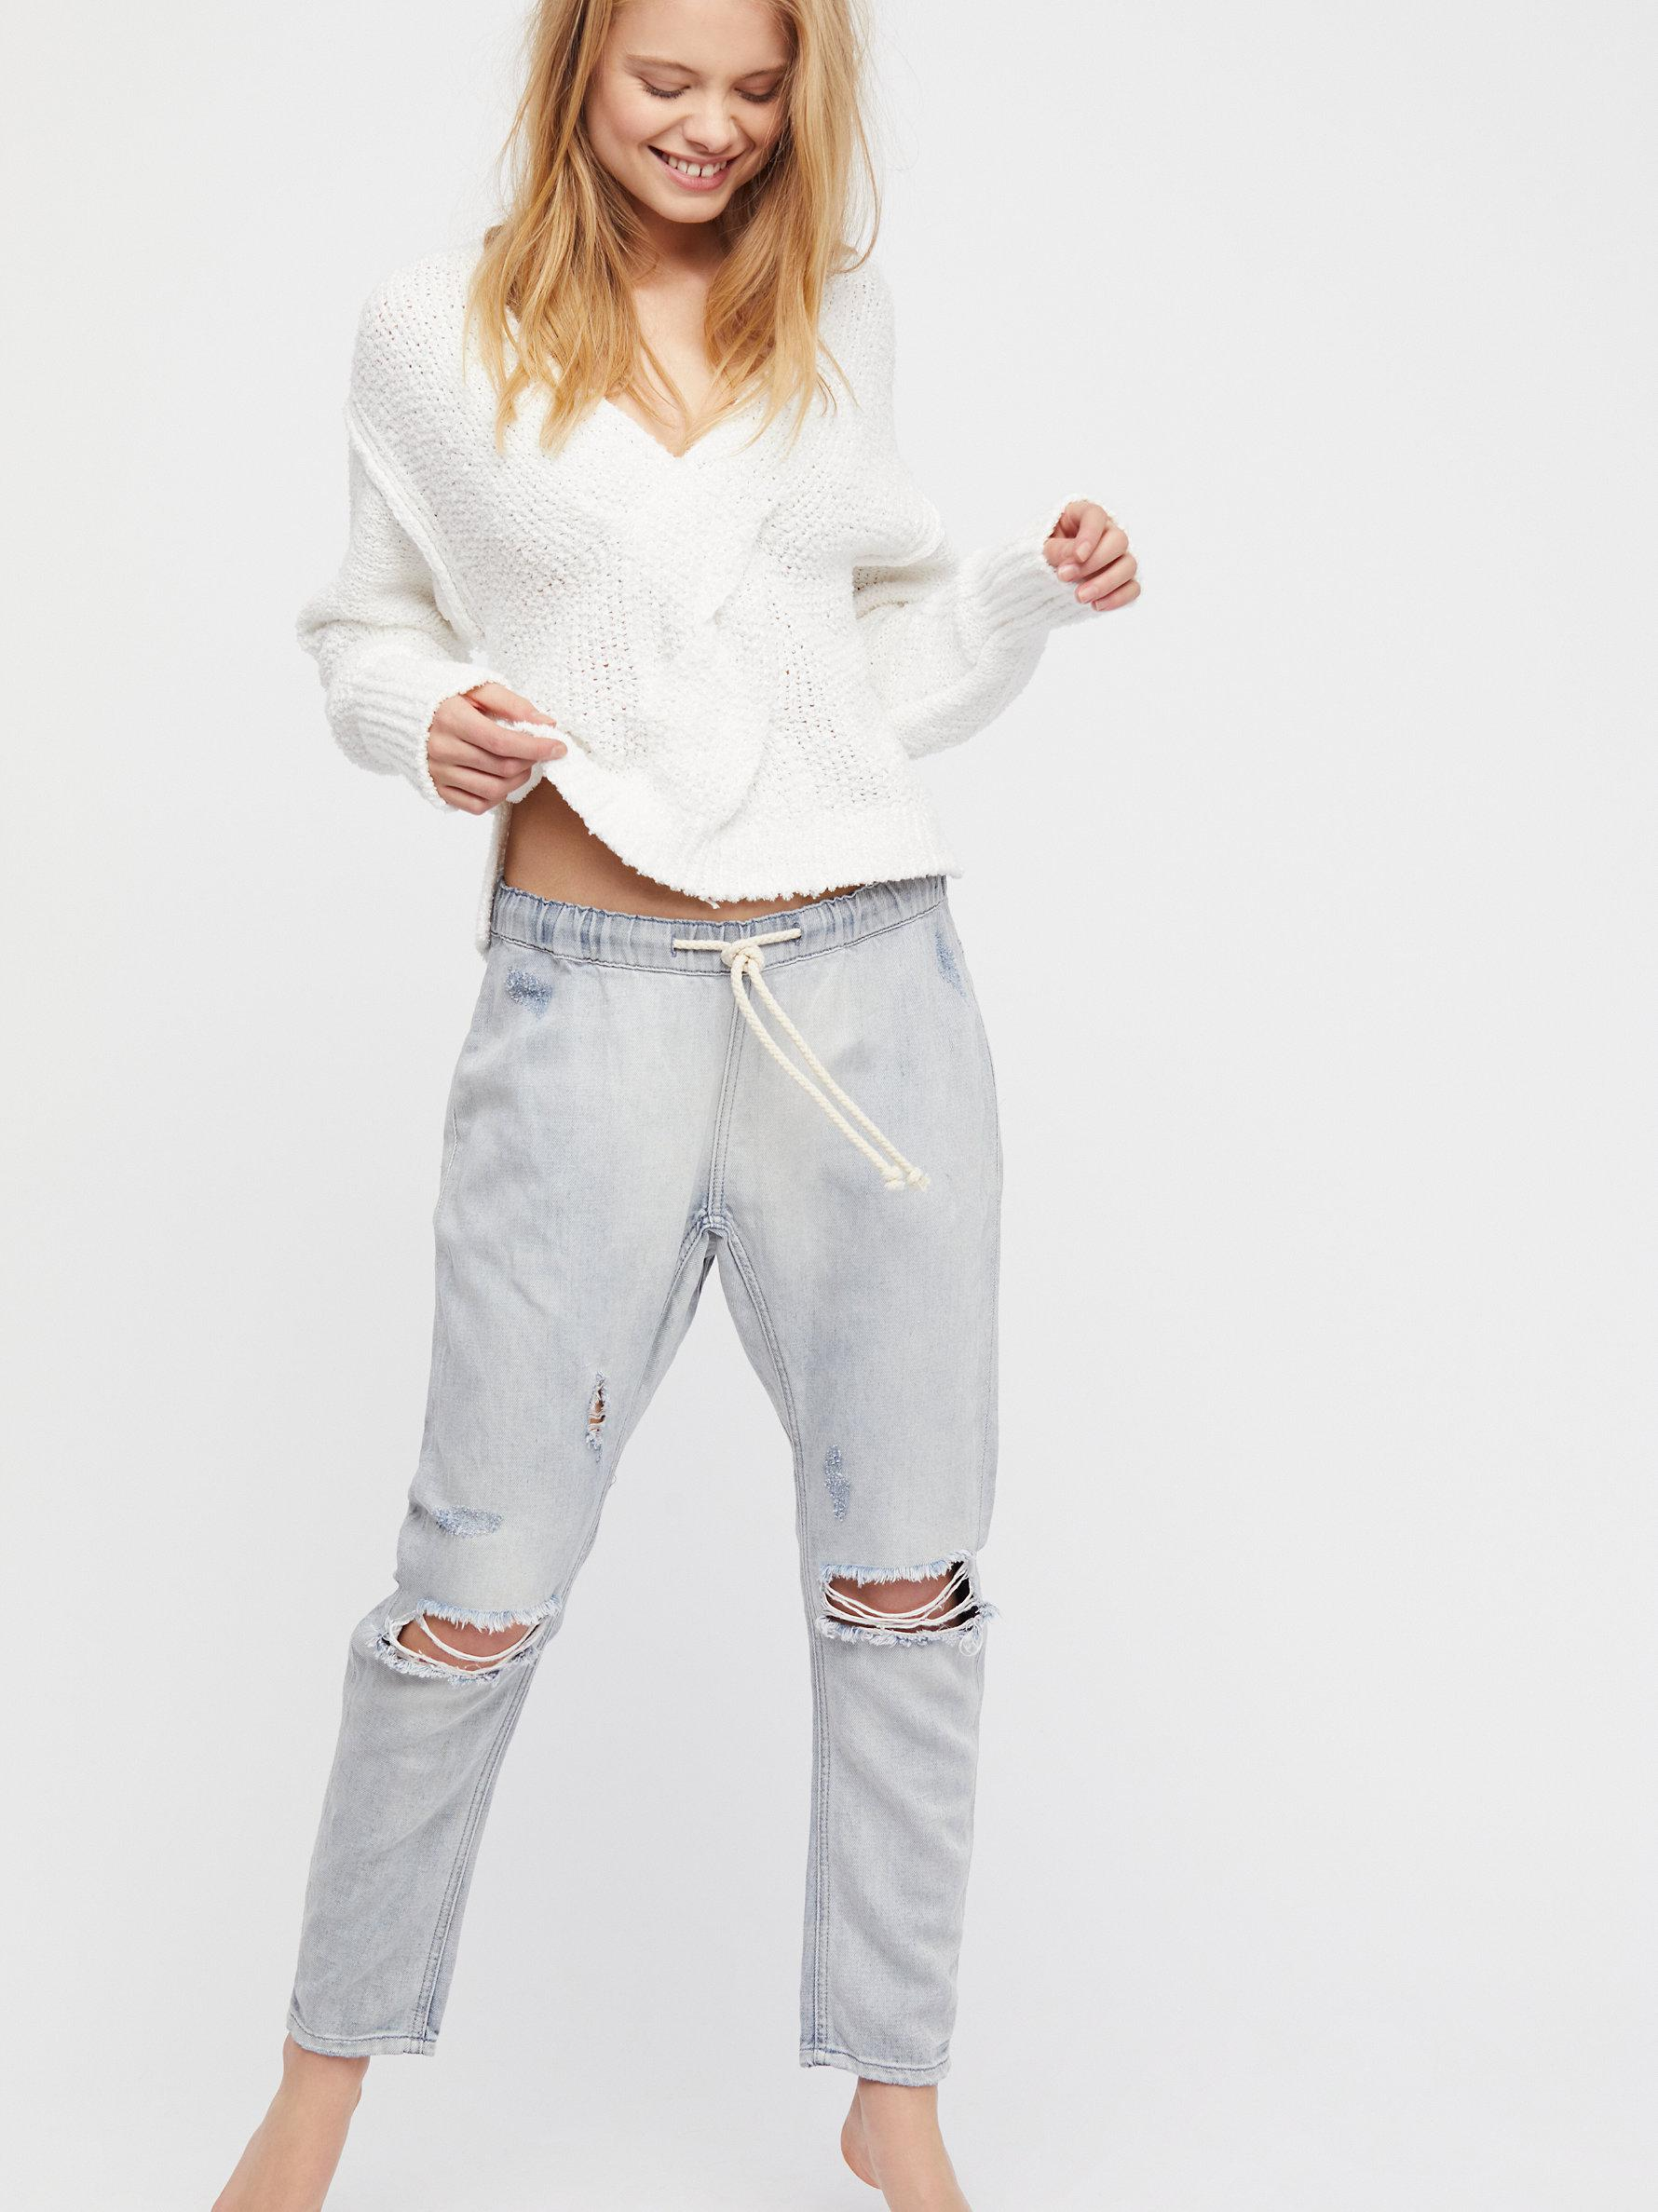 709fd5f2e92 Free People Oneteaspoon Shabbies Drawstring Boyfriend Jeans in White ...